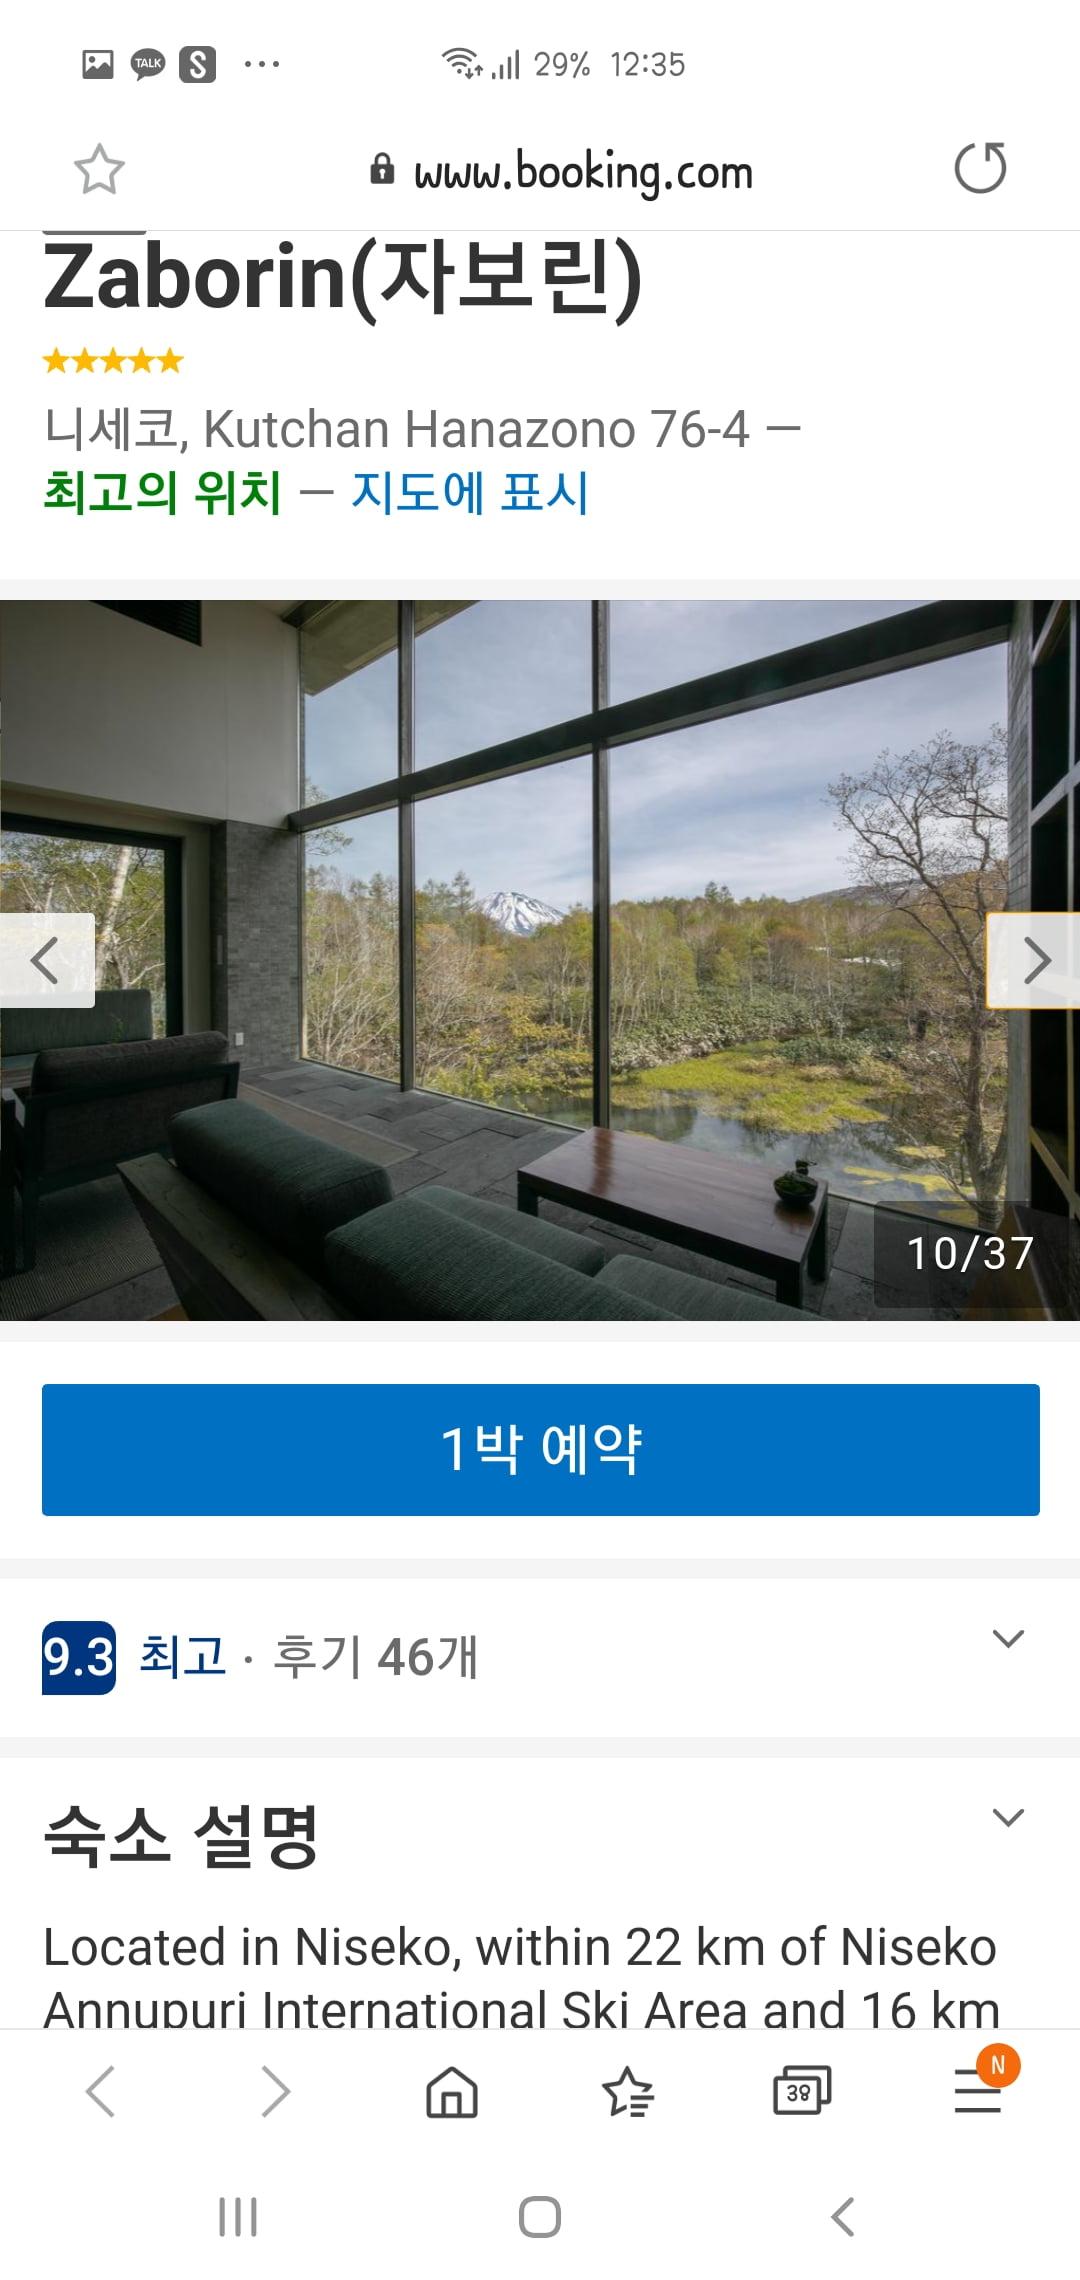 viewimage.php?no=24b0d769e1d32ca73fed8ffa11d028317805b44c4c832ef9bd9f2eca3c37a89f825125829ba3098a743c03b446a756f4405acfb1134696e442d81cb3f4acfa38d74517fcd89917d1bb3bf21c514030dc1a932ae3928581df78e1c7a854d544e844db7f32c75ae1fe8a0d56